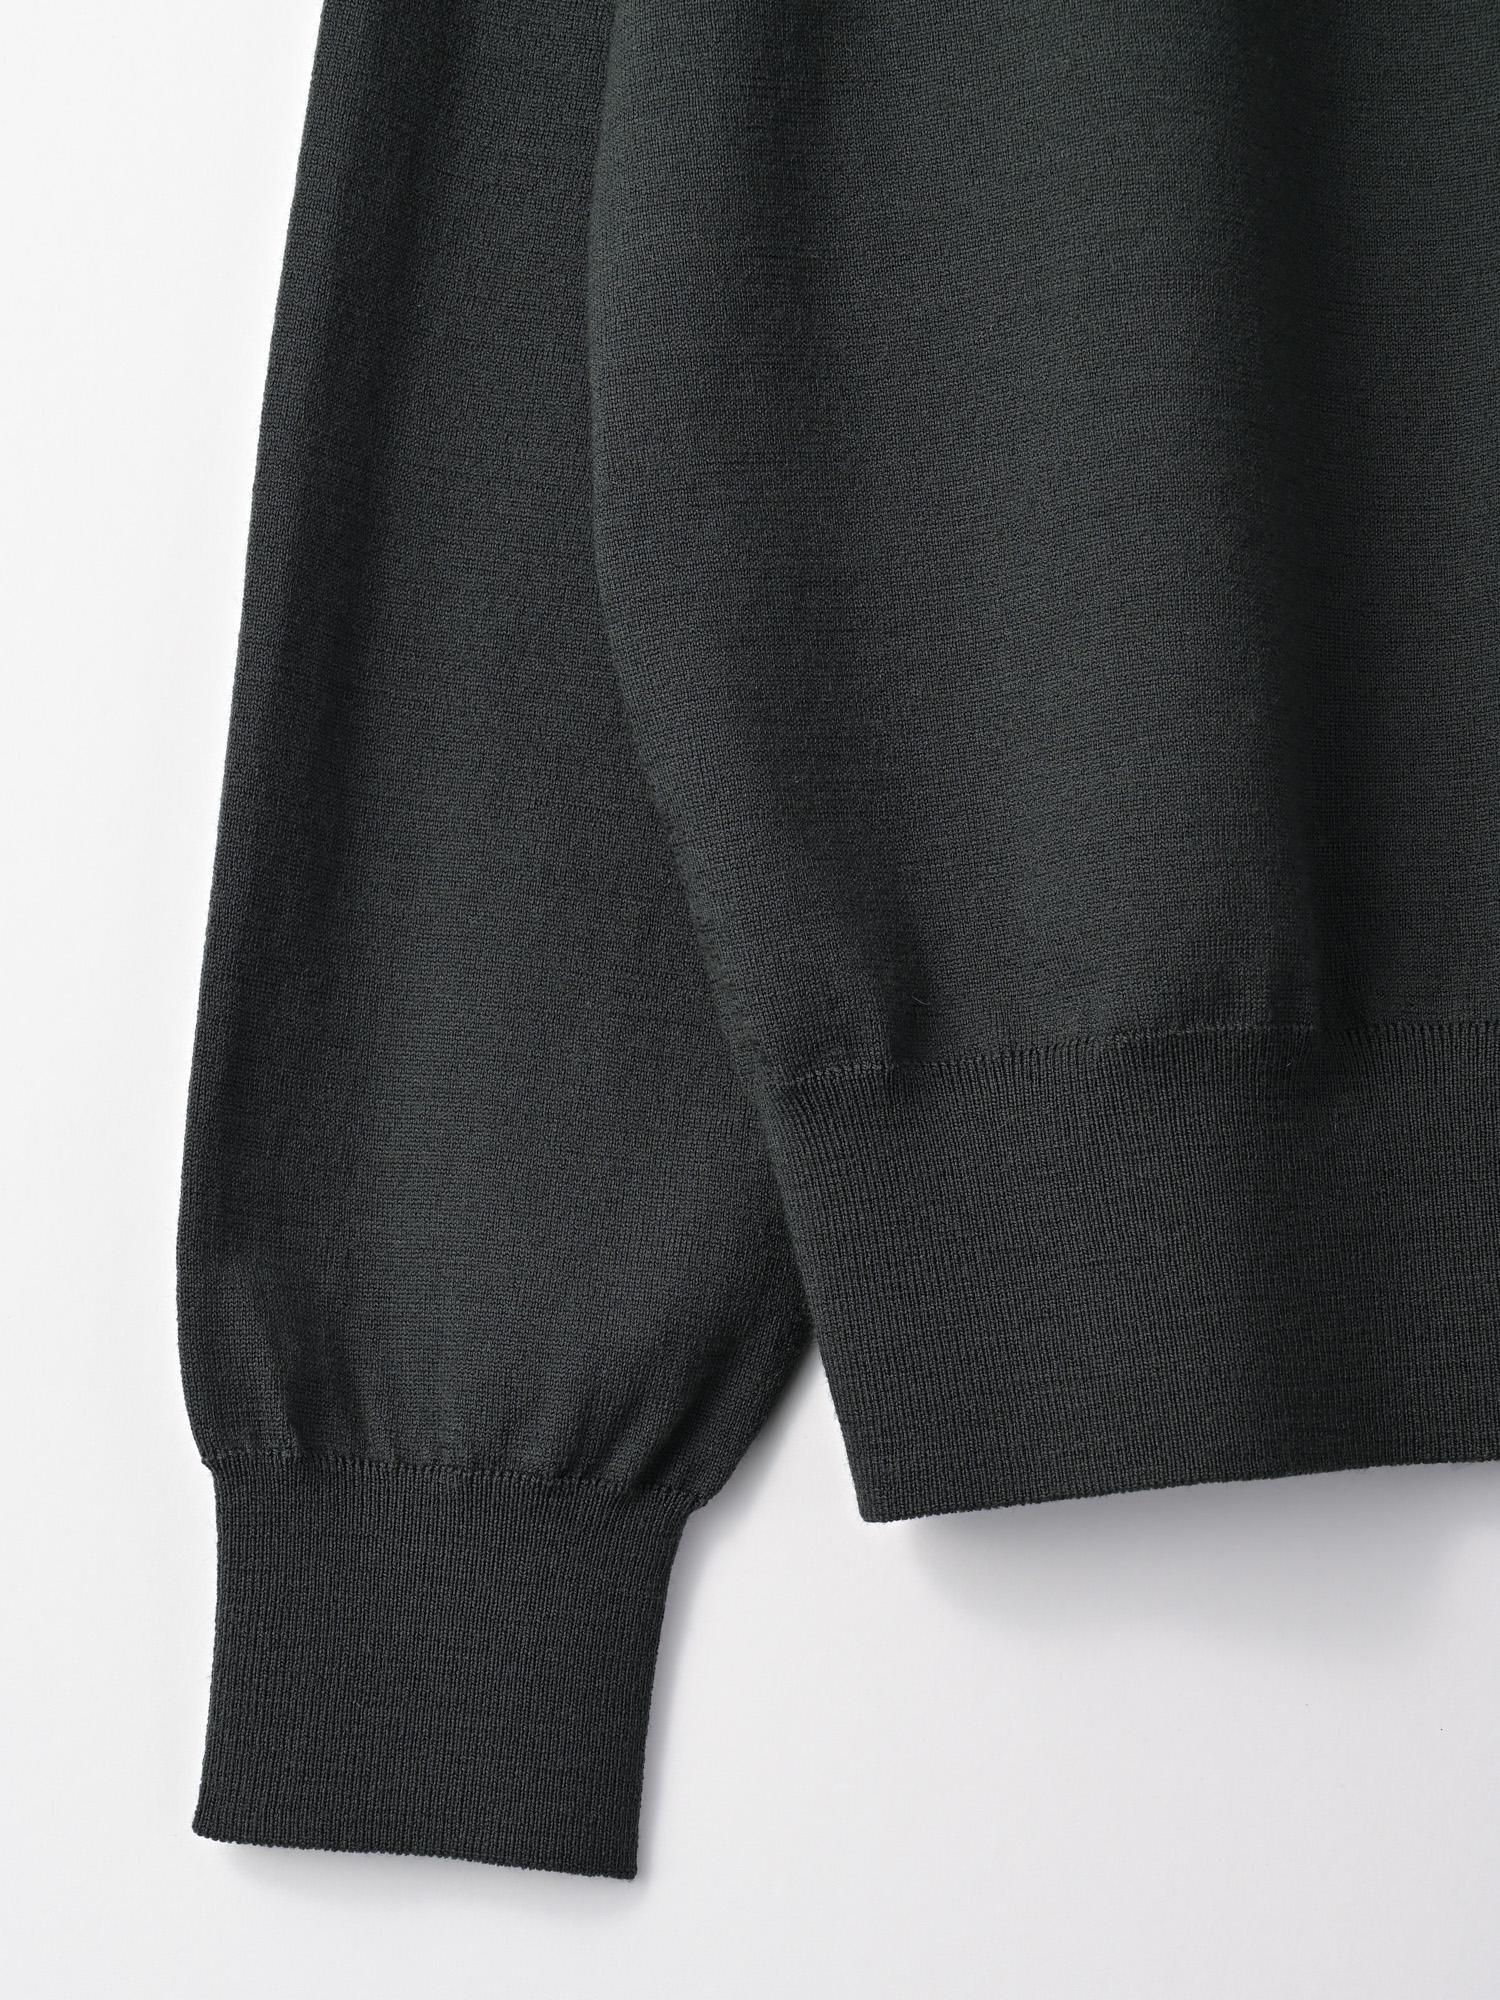 【予約】Smock knit shirtsのサムネイル9